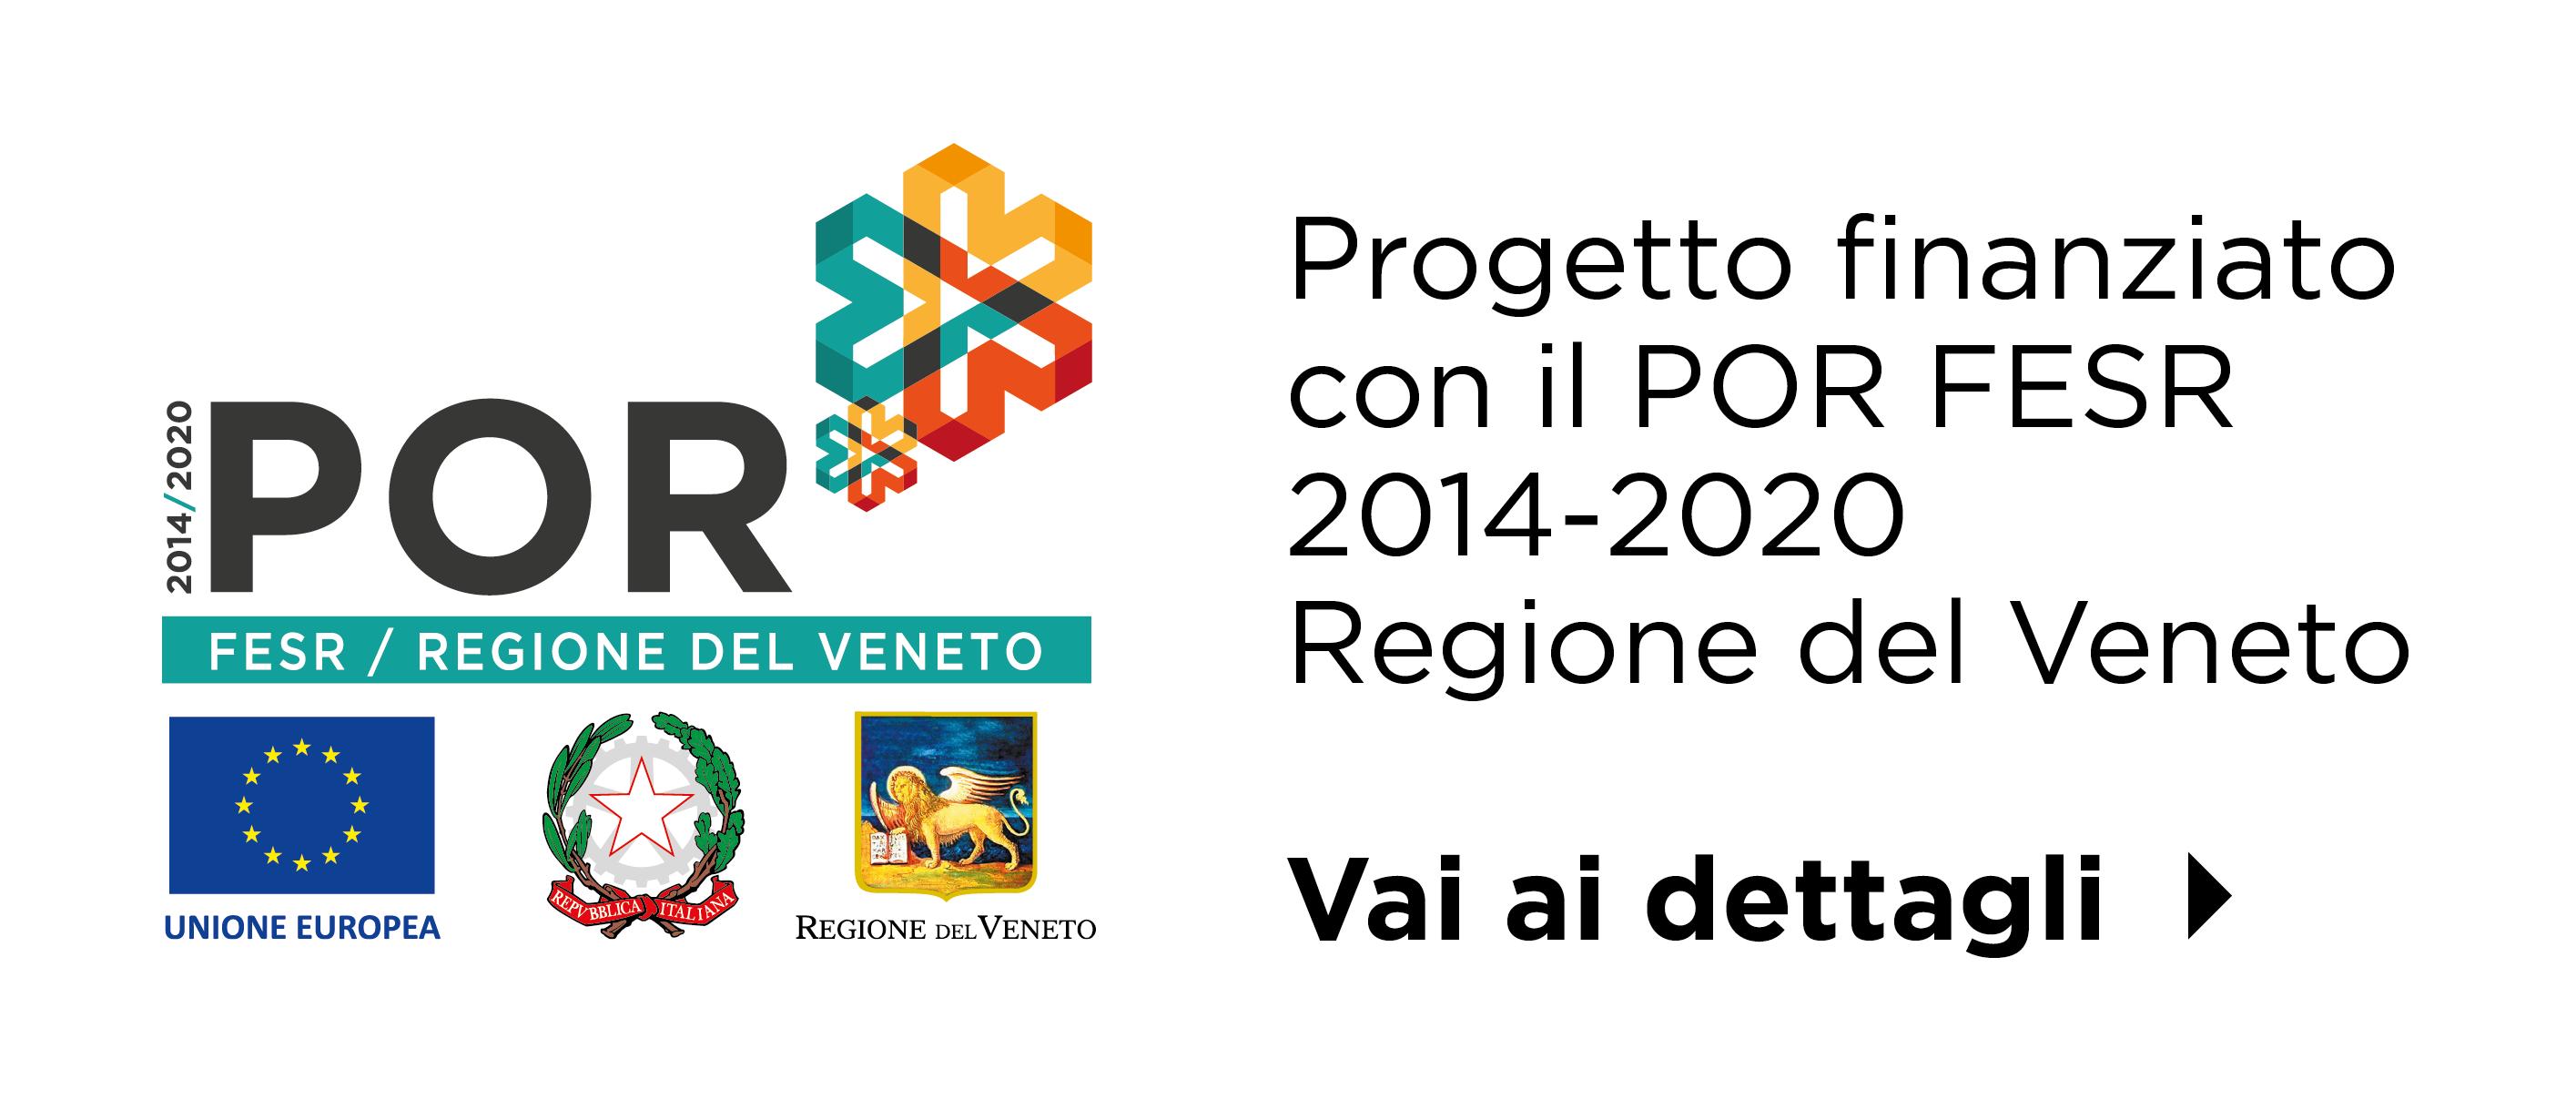 Progetto finanziato con il POR FESR 201-2020